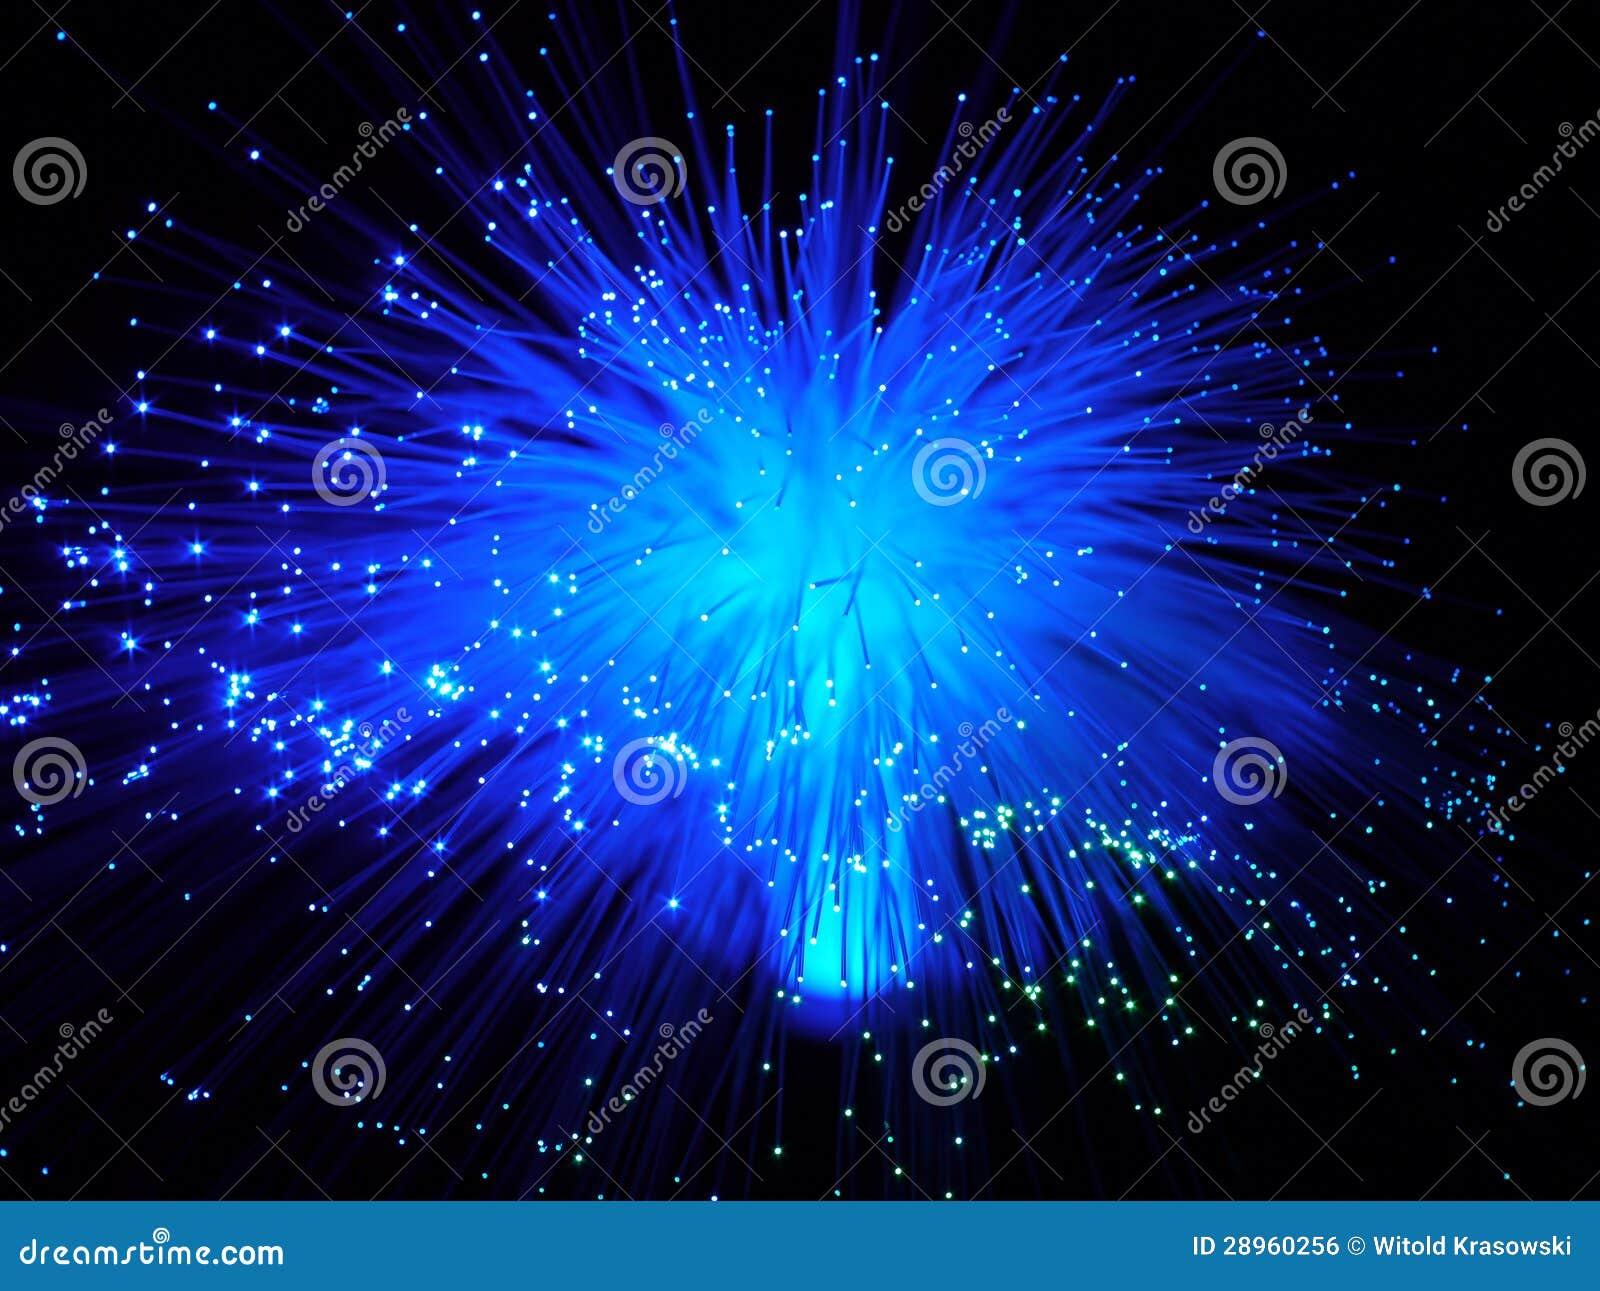 Koloru włókna światłowodowego kable